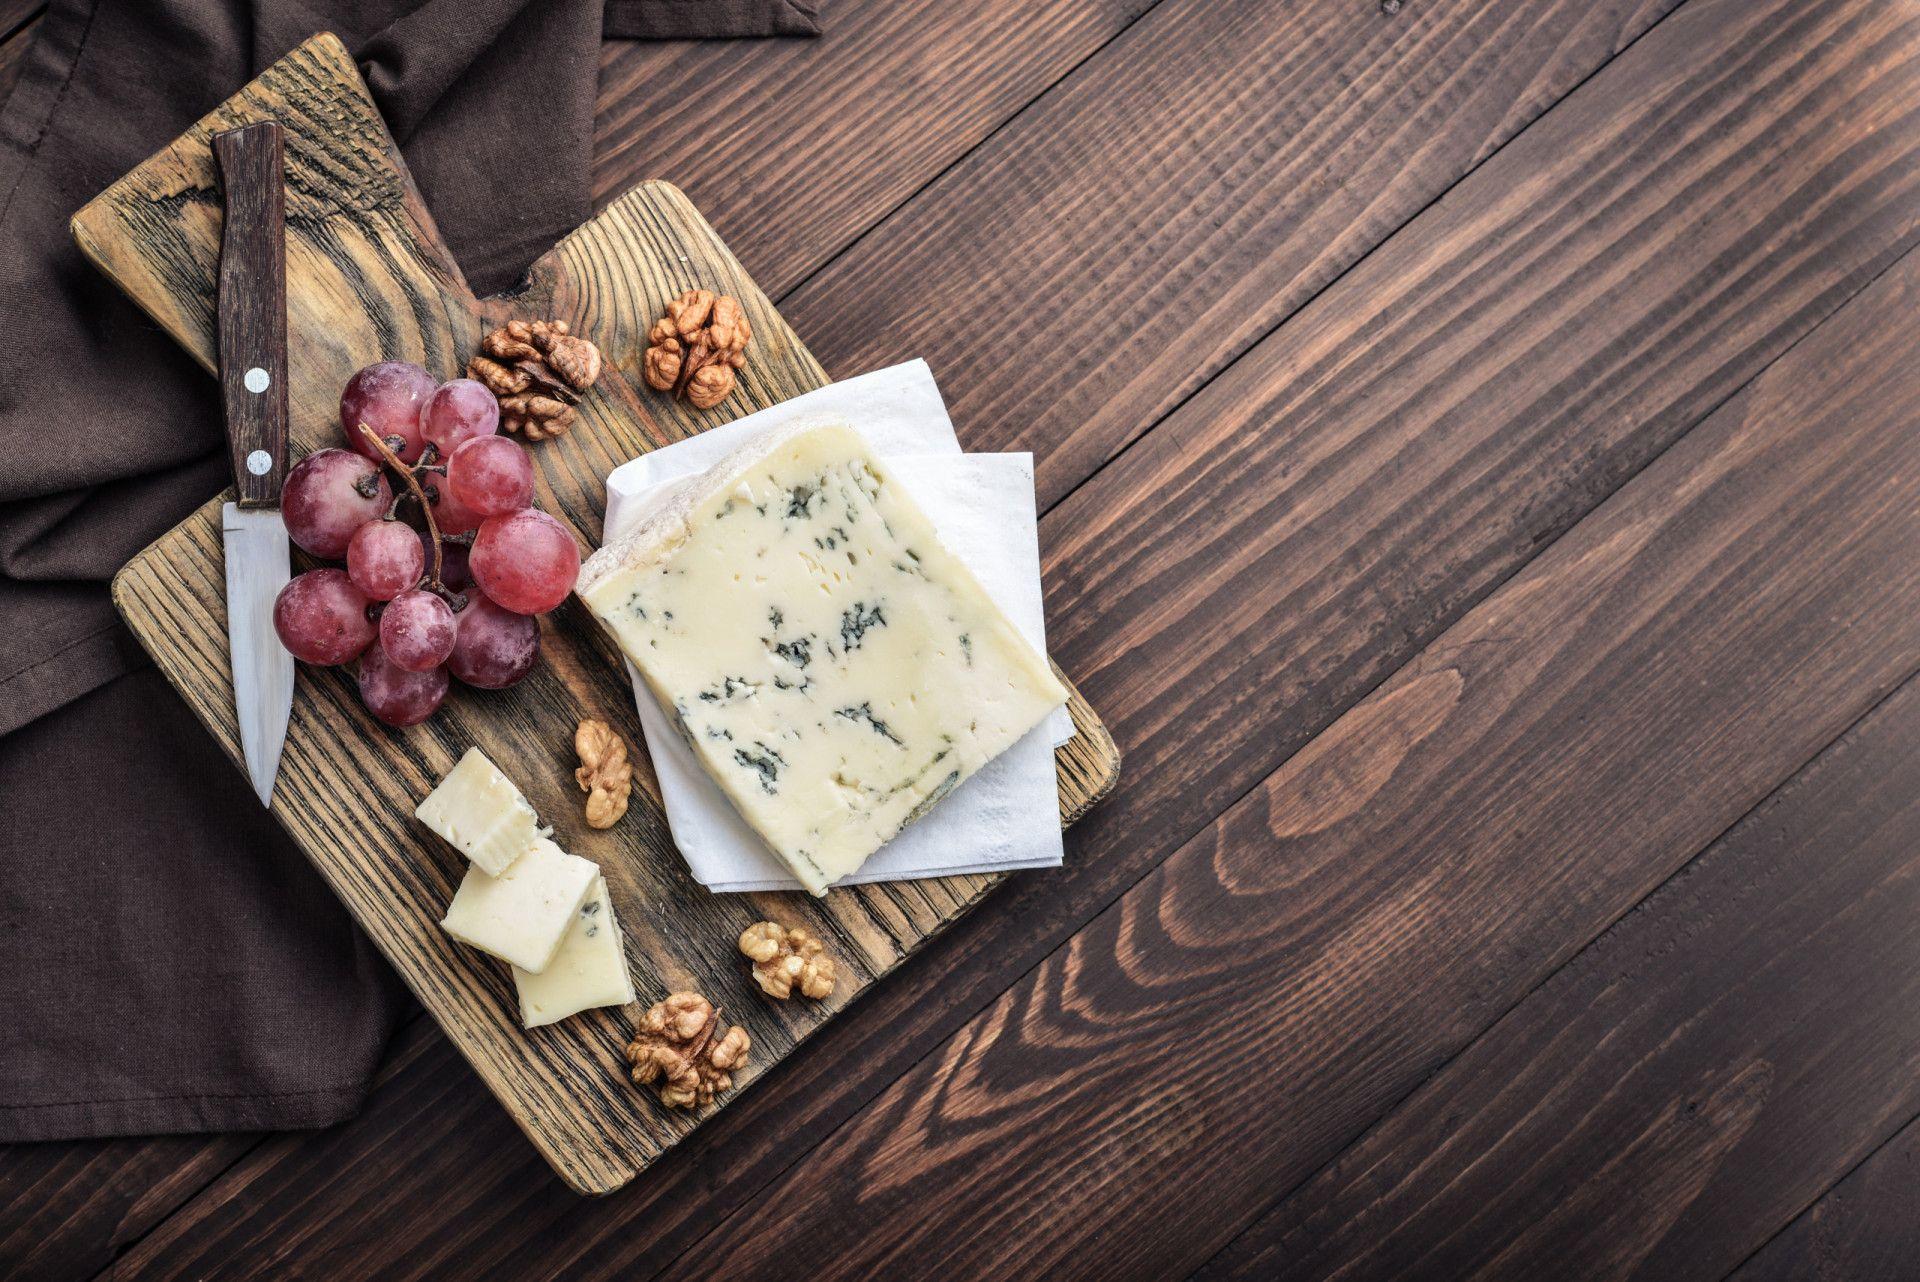 גבינות כחולות וענבים אדומים